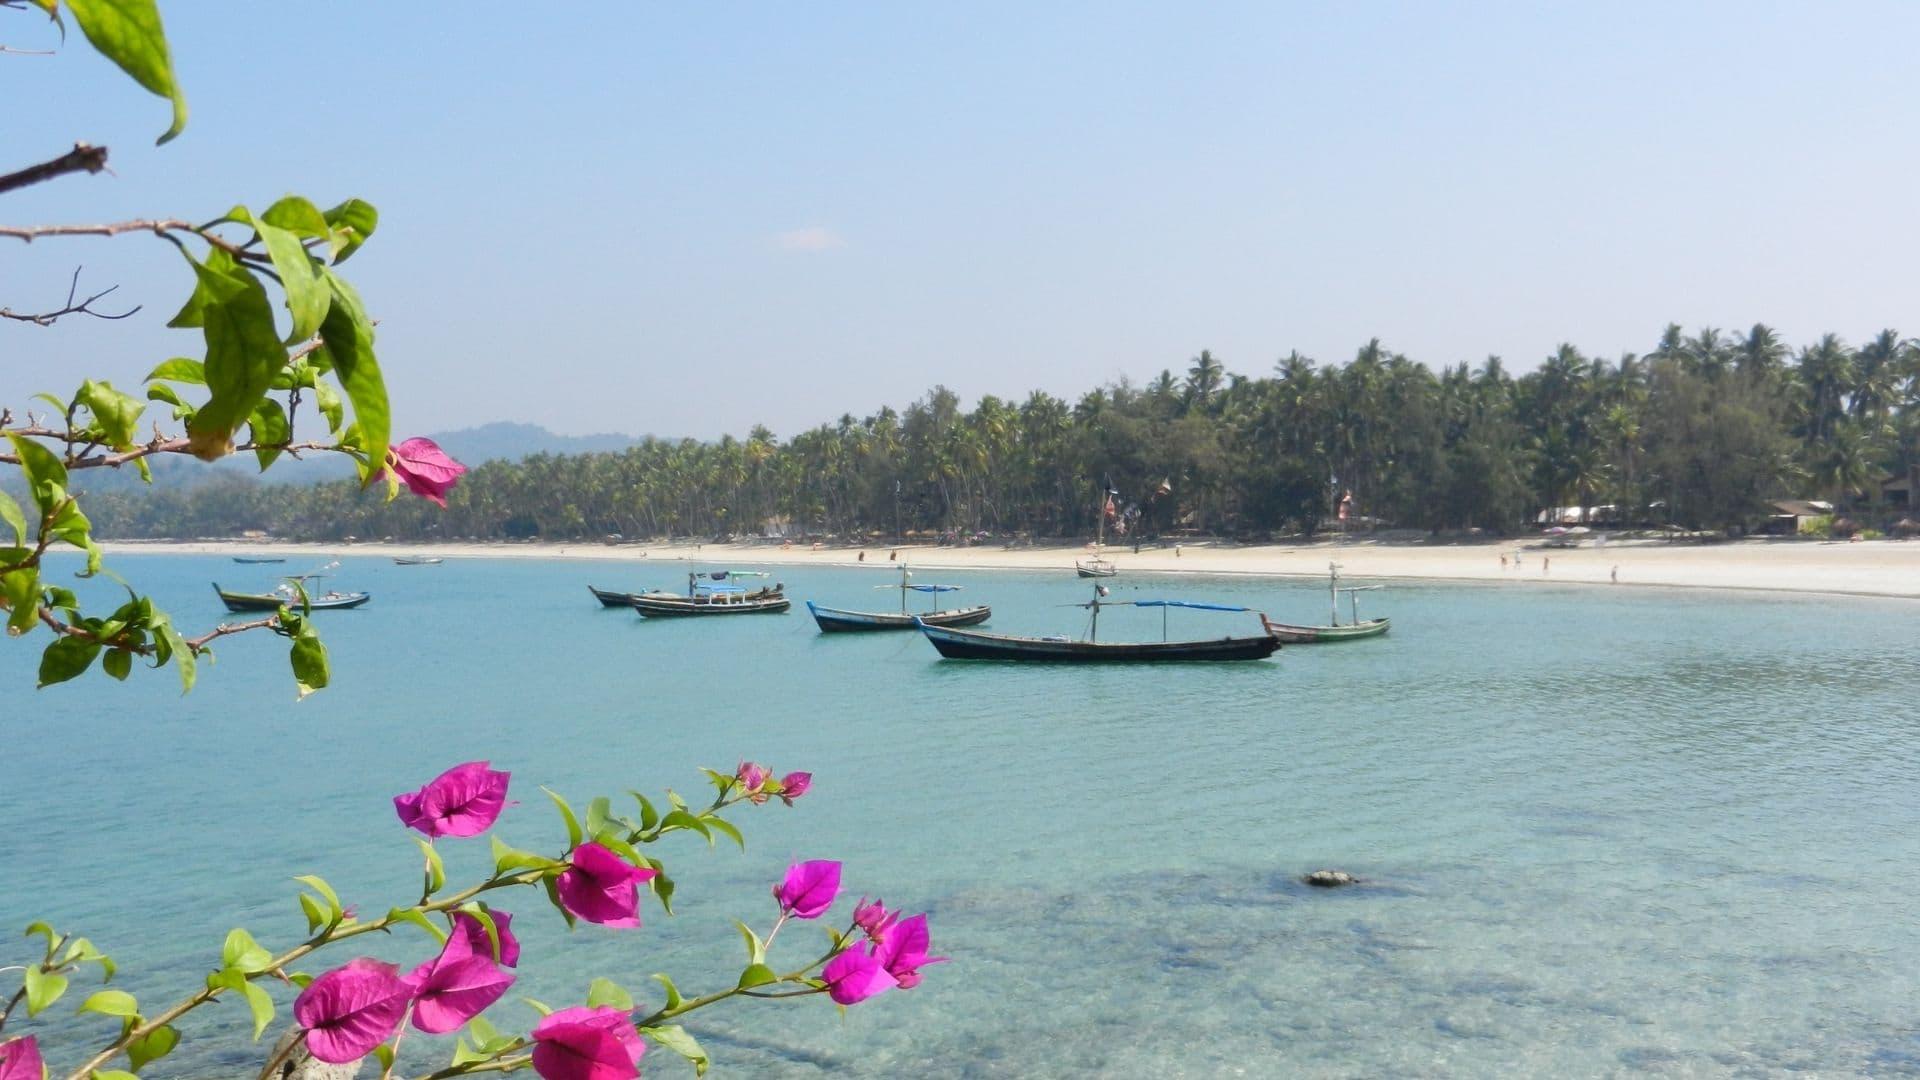 Las playas de Myanmar son un atractivo turístico que no te puedes perder